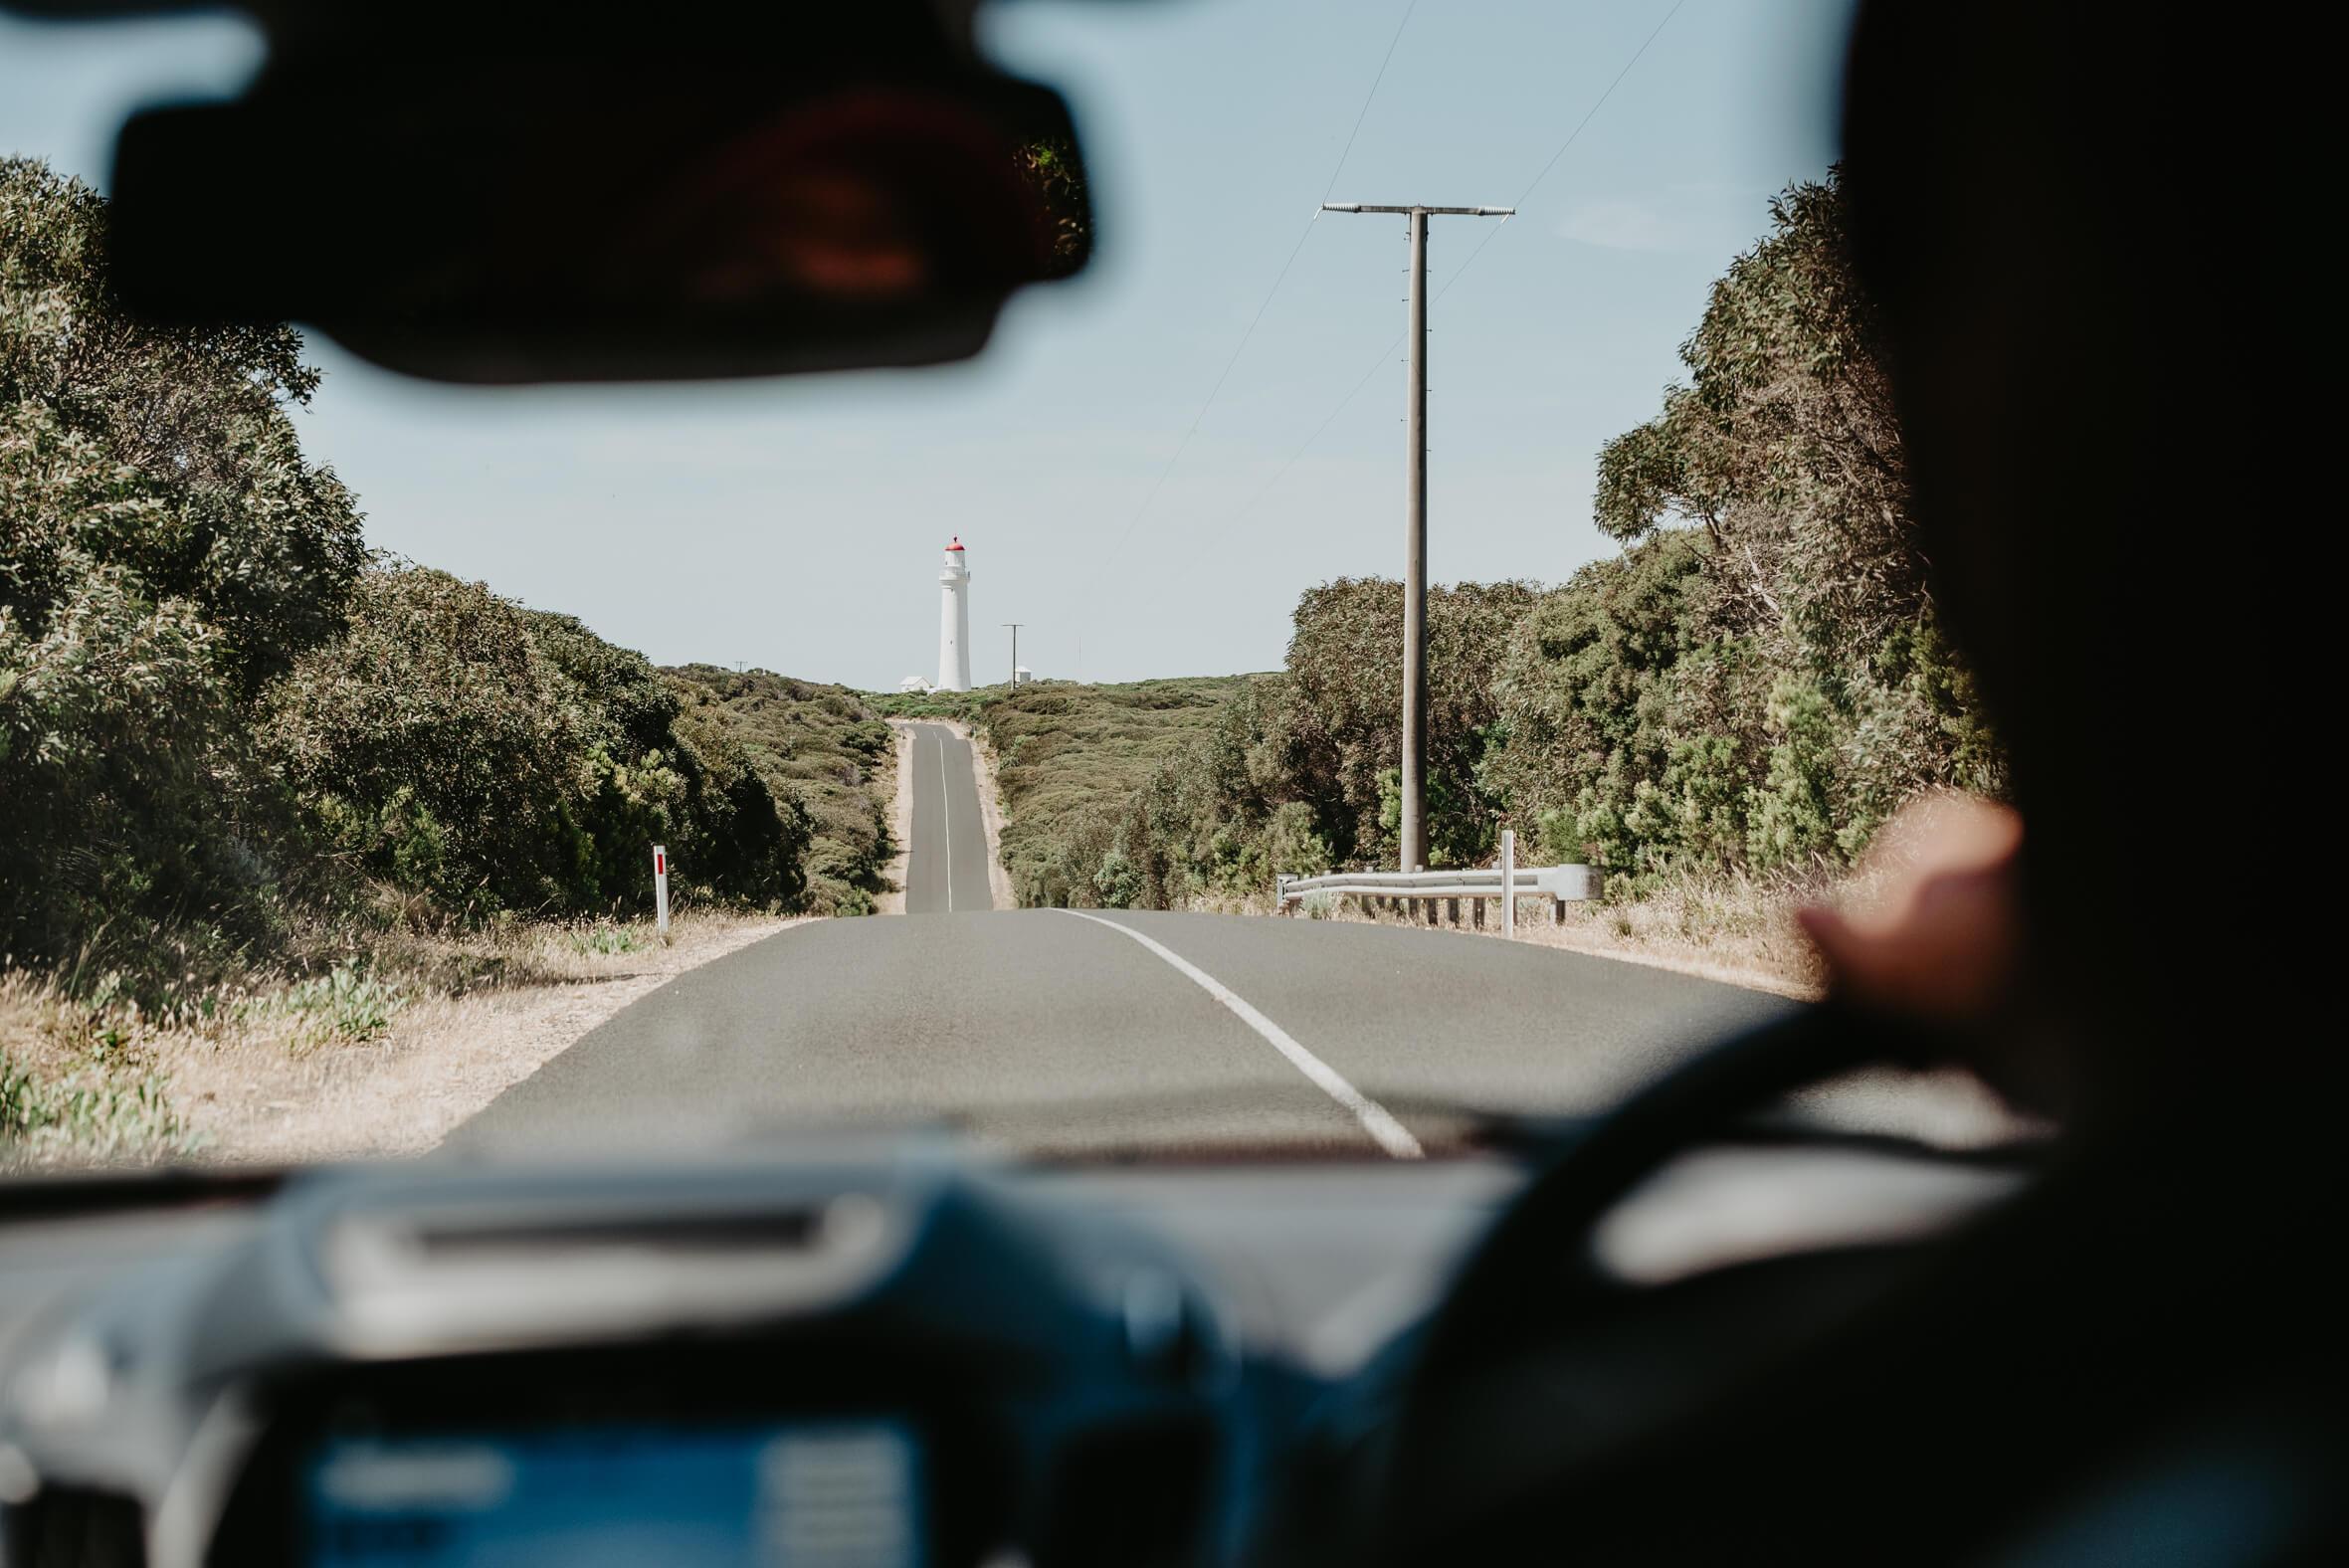 RoadtriptoSA-132.jpg